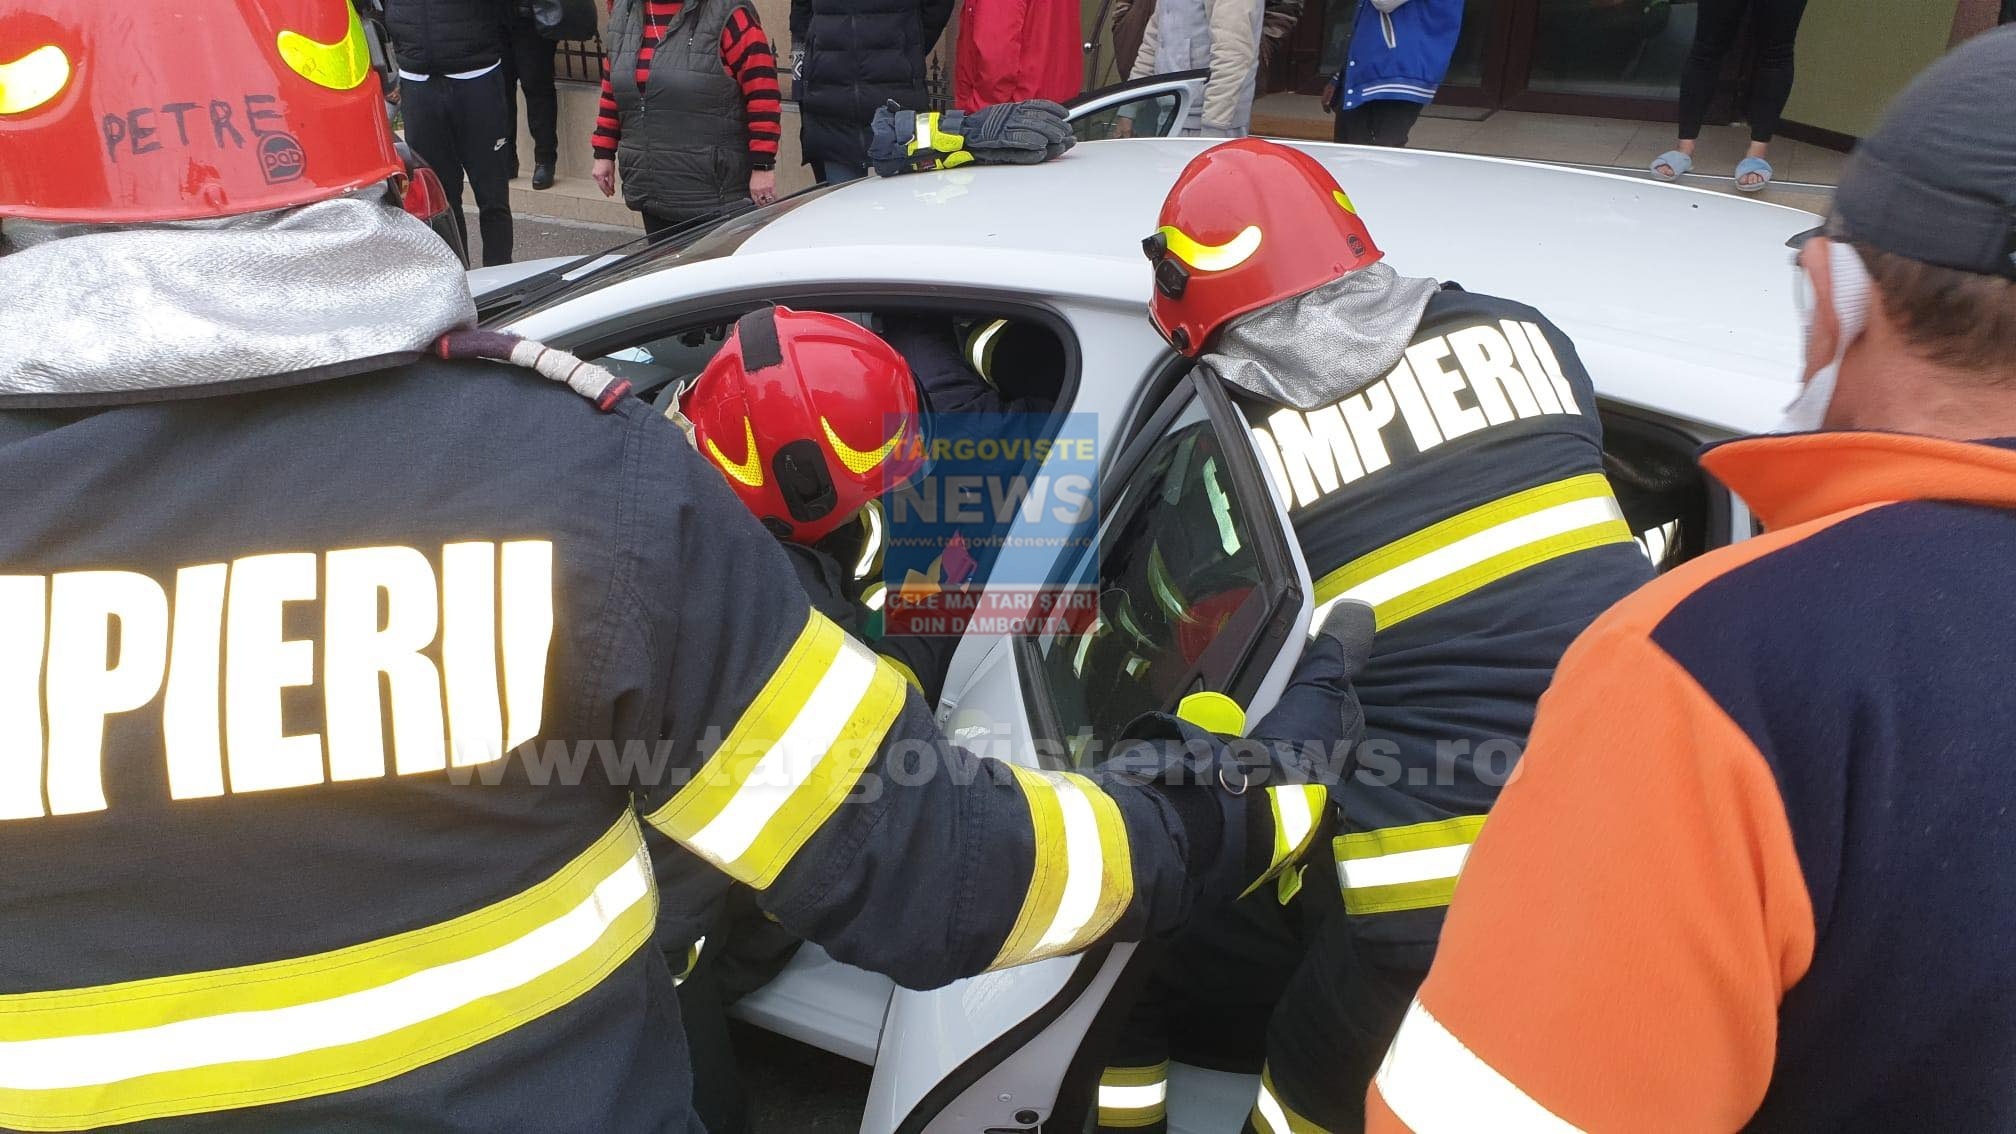 FOTO/VIDEO: Accident în Târgovişte. Două persoane sunt rănite, trei maşini, avariate